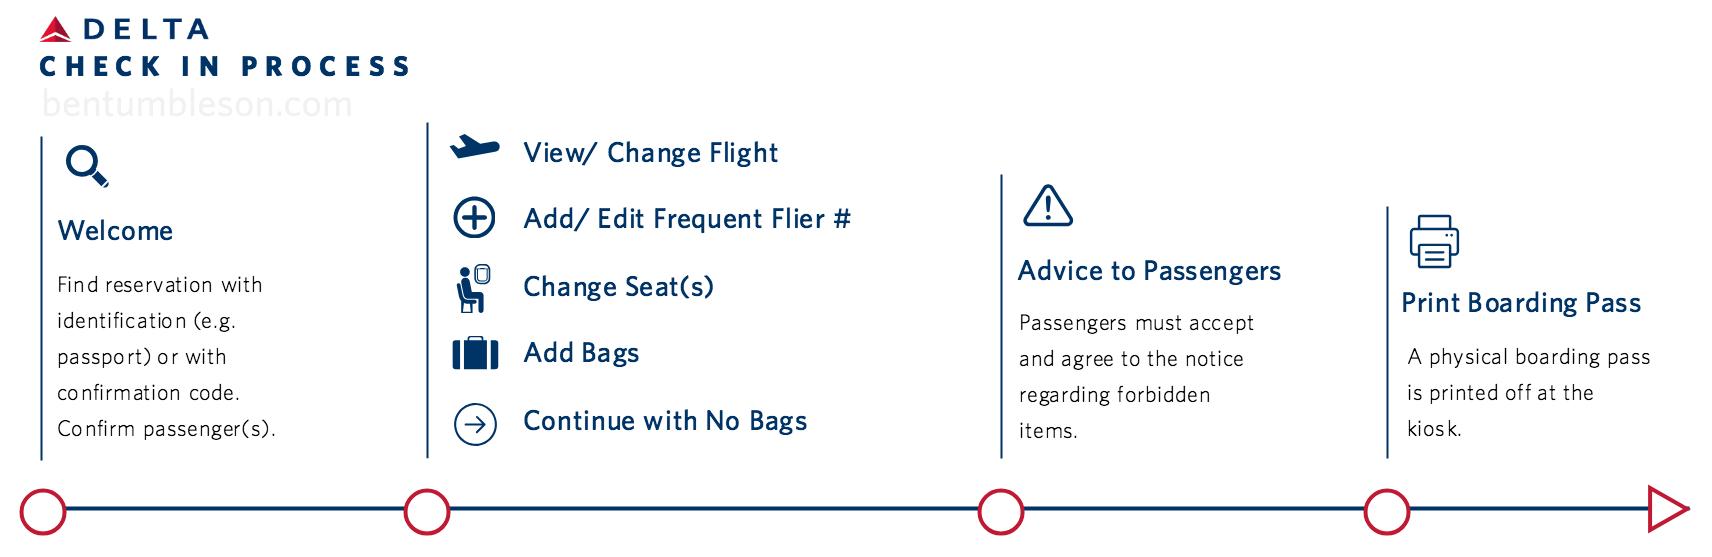 Delta Check-In Process - Original